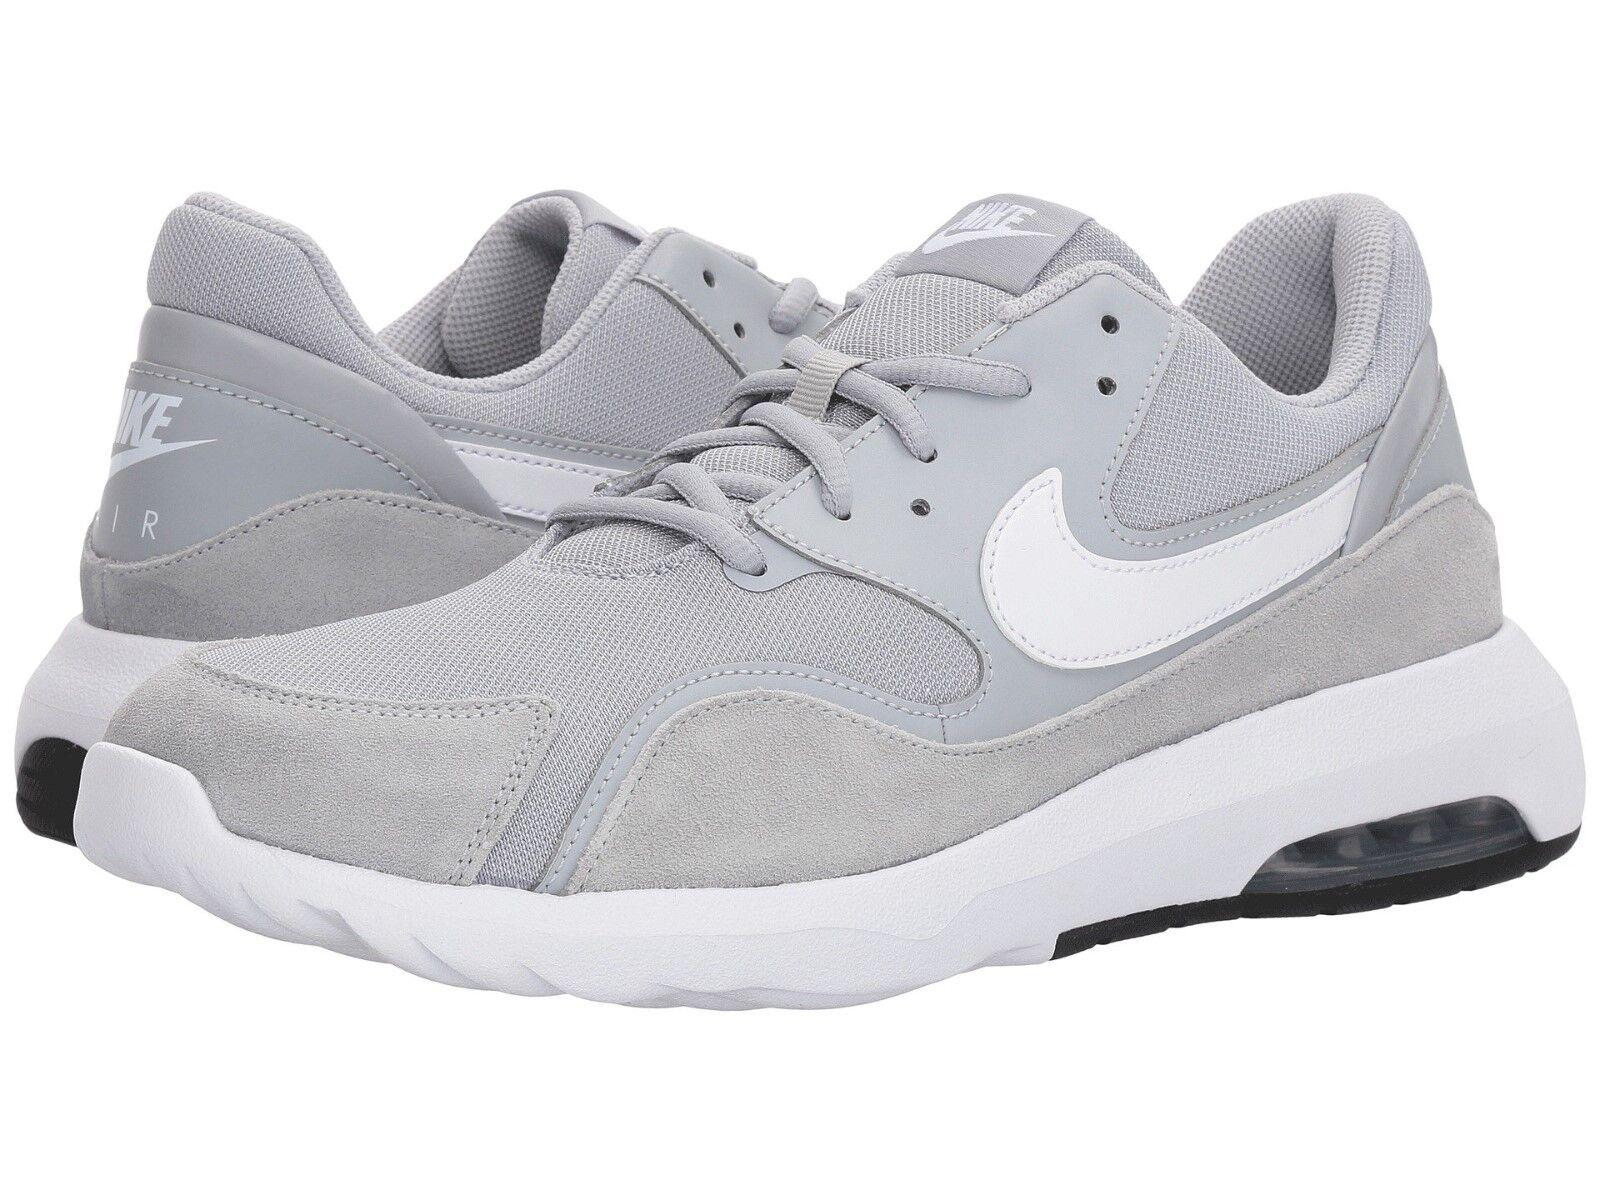 Men's Nike Air Nostalgic Running Shoes Wolf Grey NIB 8-12 916781-001